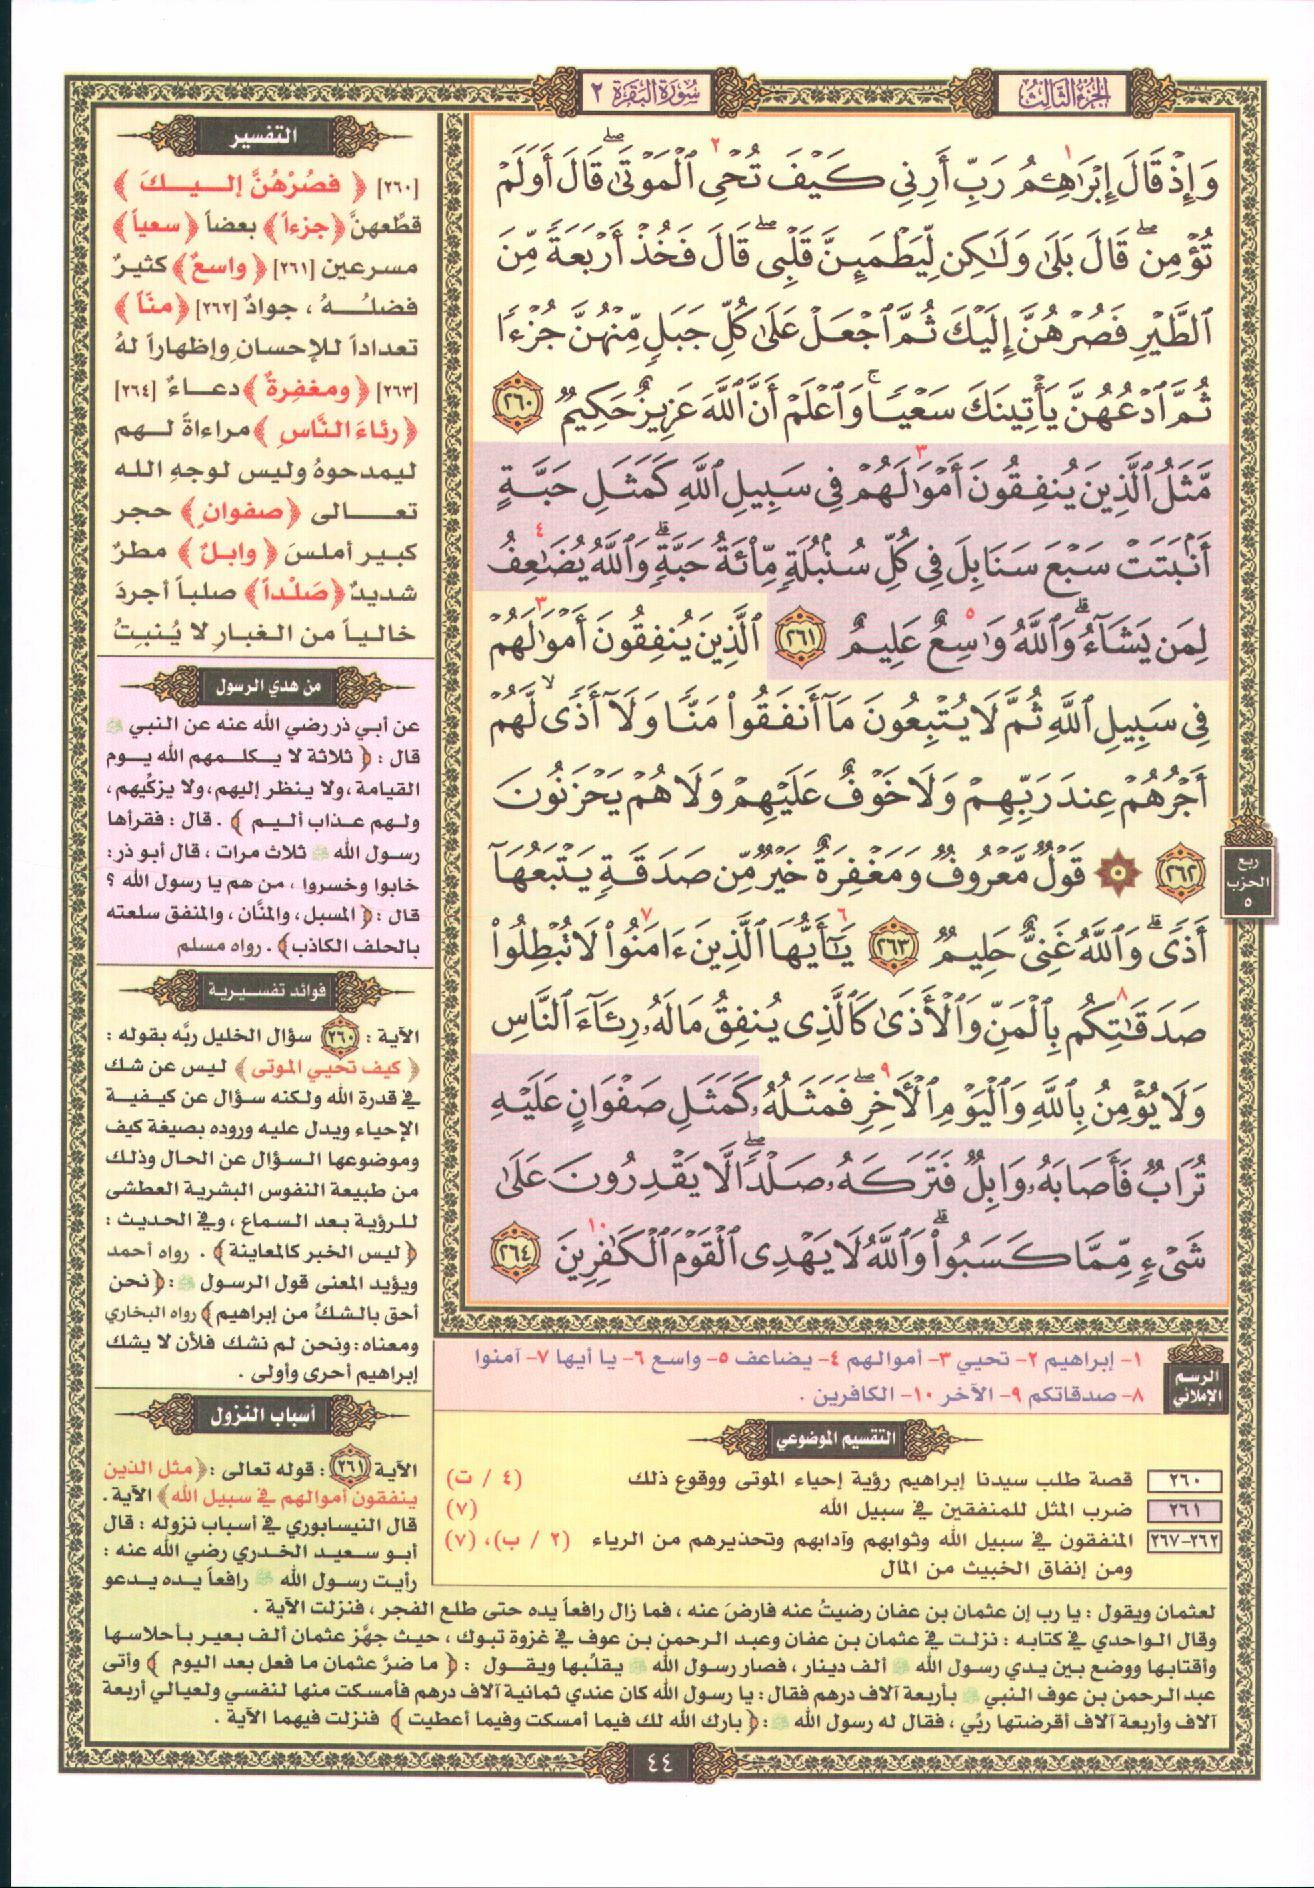 Pin By القران الكريم The Holy Quran On مصحف الحافظ المتقن Quran Verses Holy Quran Verses